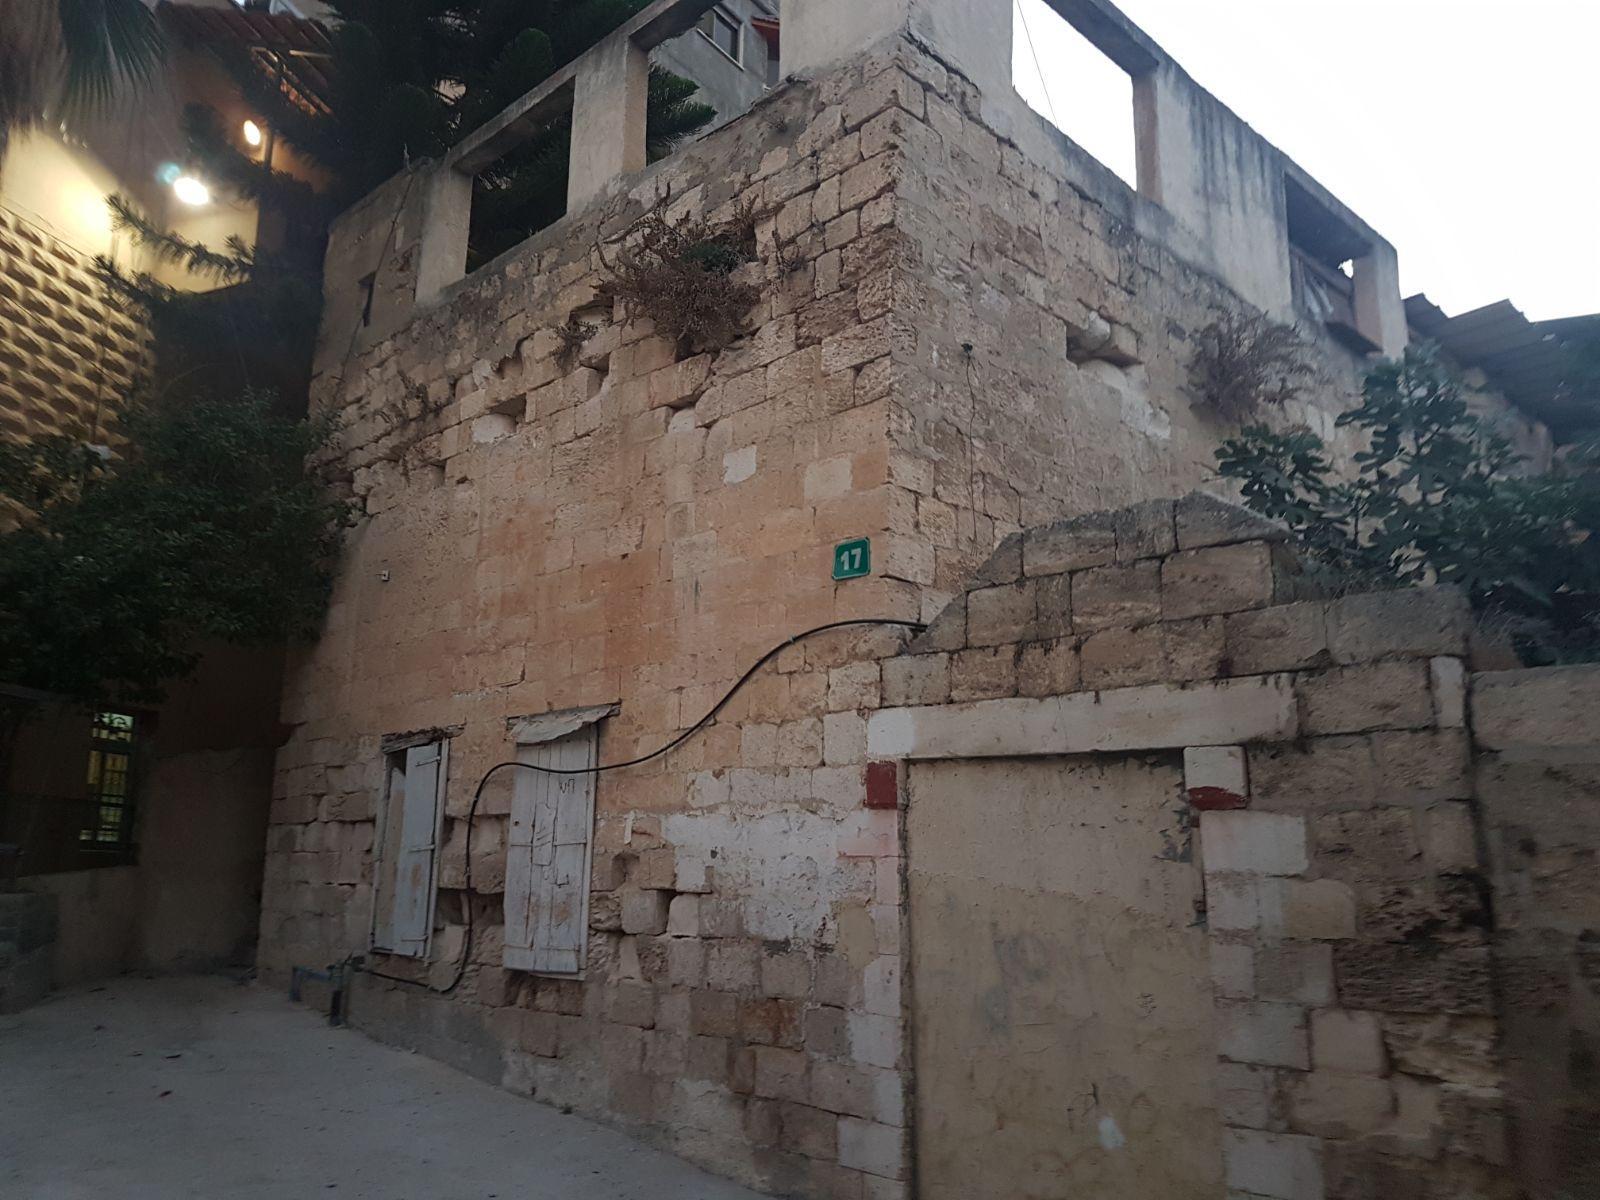 الناصرة: بيع منزل بالبلدة القديمة لمستثمر يهودي